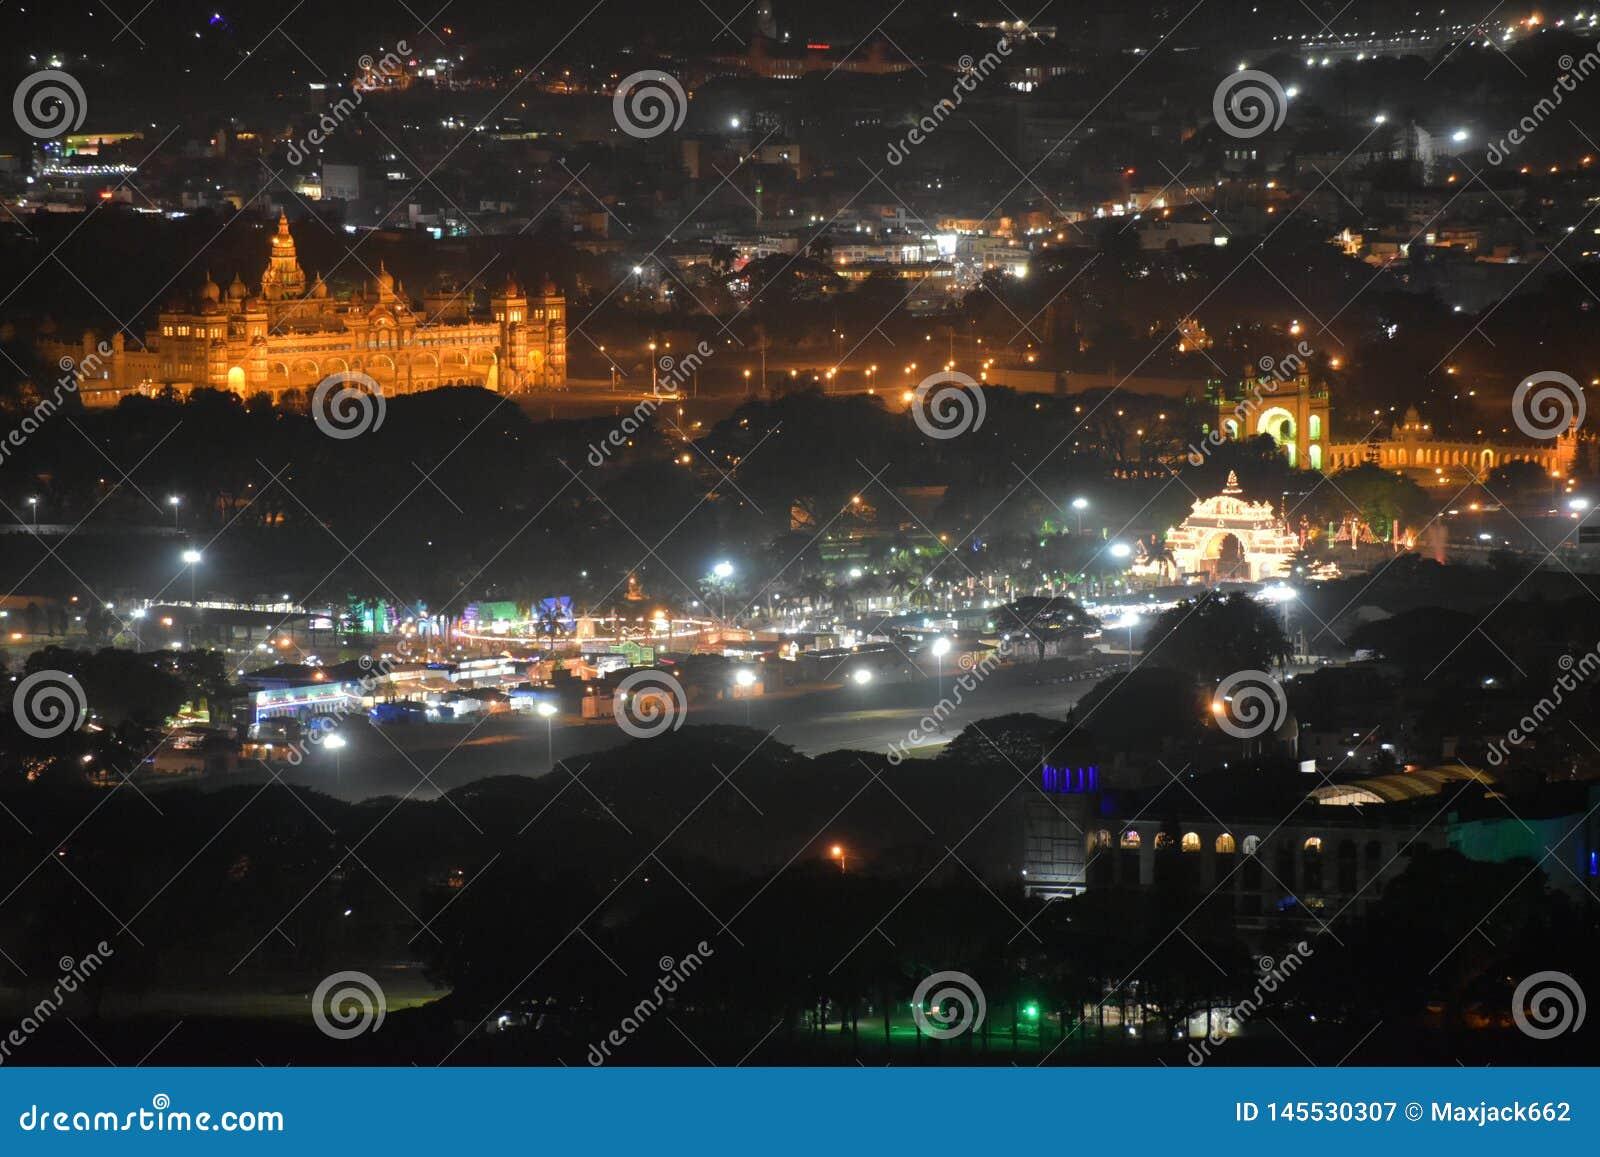 Mysore palace night view